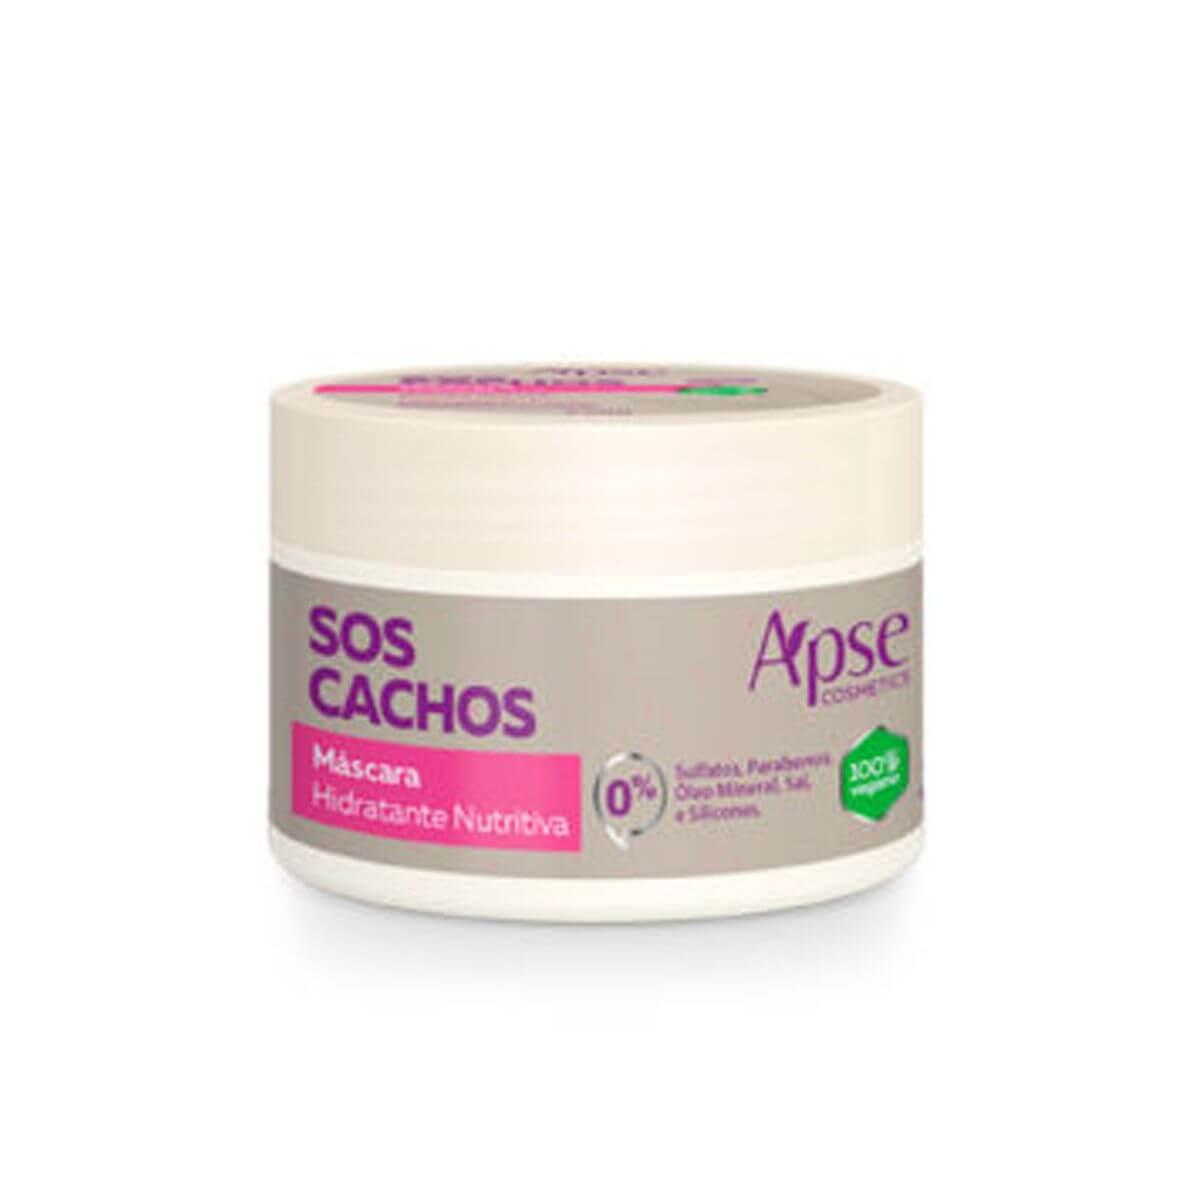 Apse - Máscara Sos Cachos - 250g